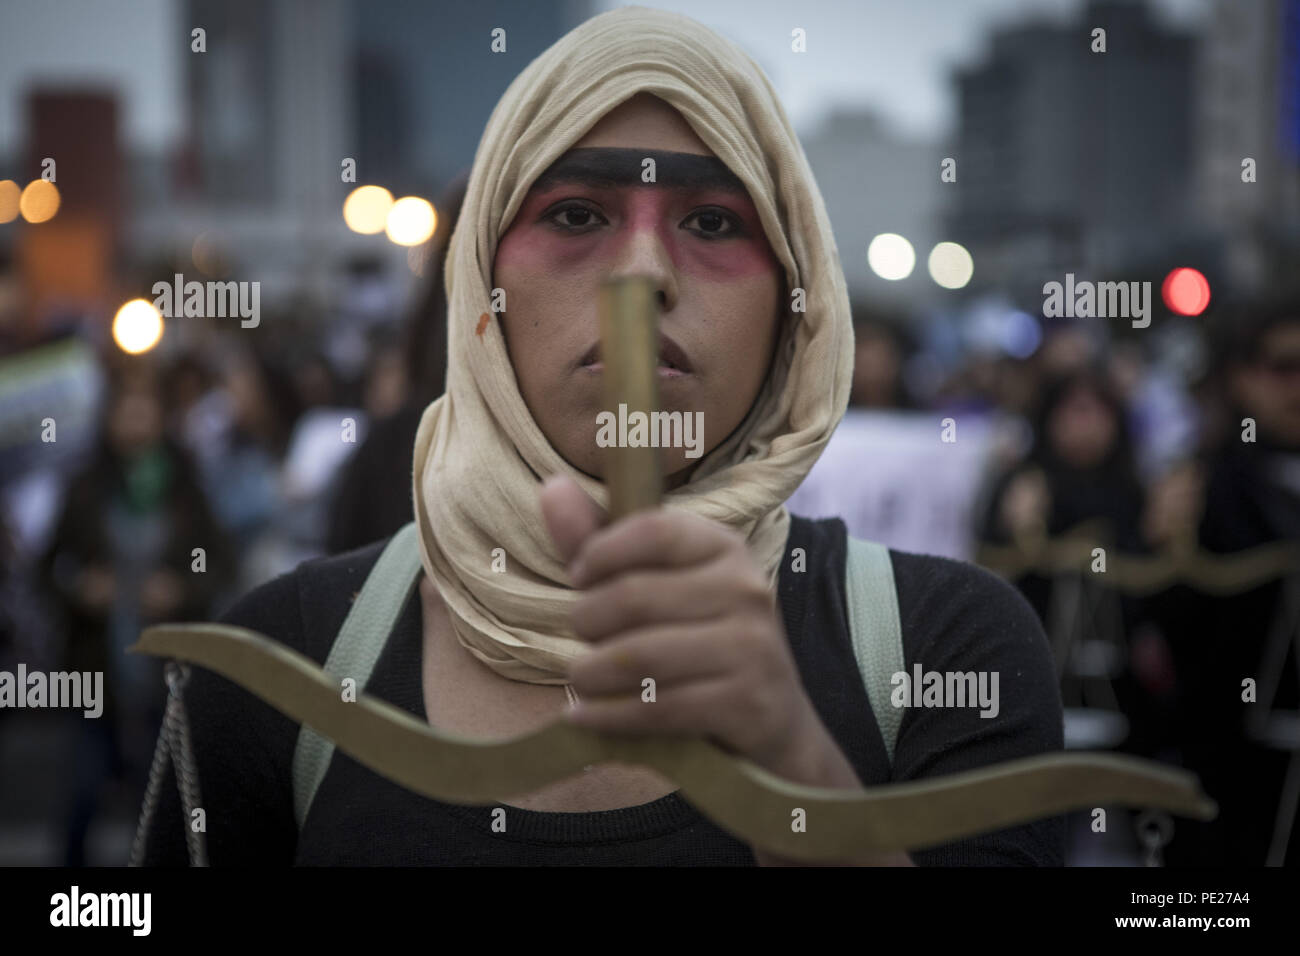 Lima, Perù. 11 Ago, 2018. I dimostranti marzo durante un Ni n.a. Menos (non uno di meno) rally in segno di protesta del genere in base alla violenza nella città di Lima. Ni n.a. Menos (non uno di meno) esige che le donne dovrebbero essere protetti dalle morti violente per mano di uomini in Perù. Credito: Guillermo Gutierrez SOPA/images/ZUMA filo/Alamy Live News Immagini Stock